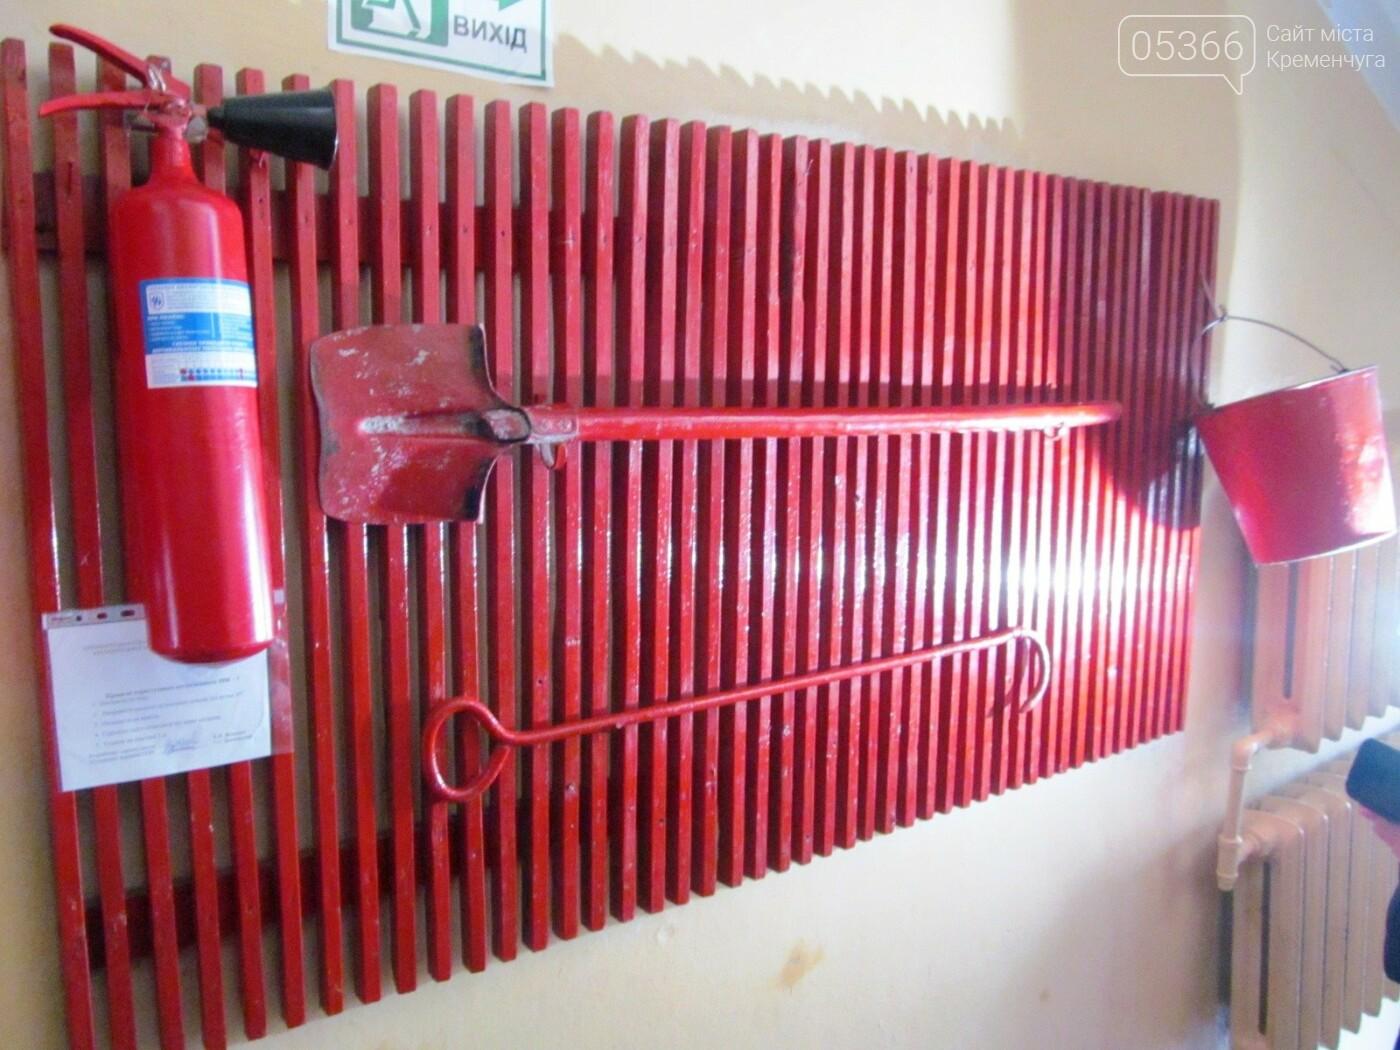 пожарная безопасность в школе №10